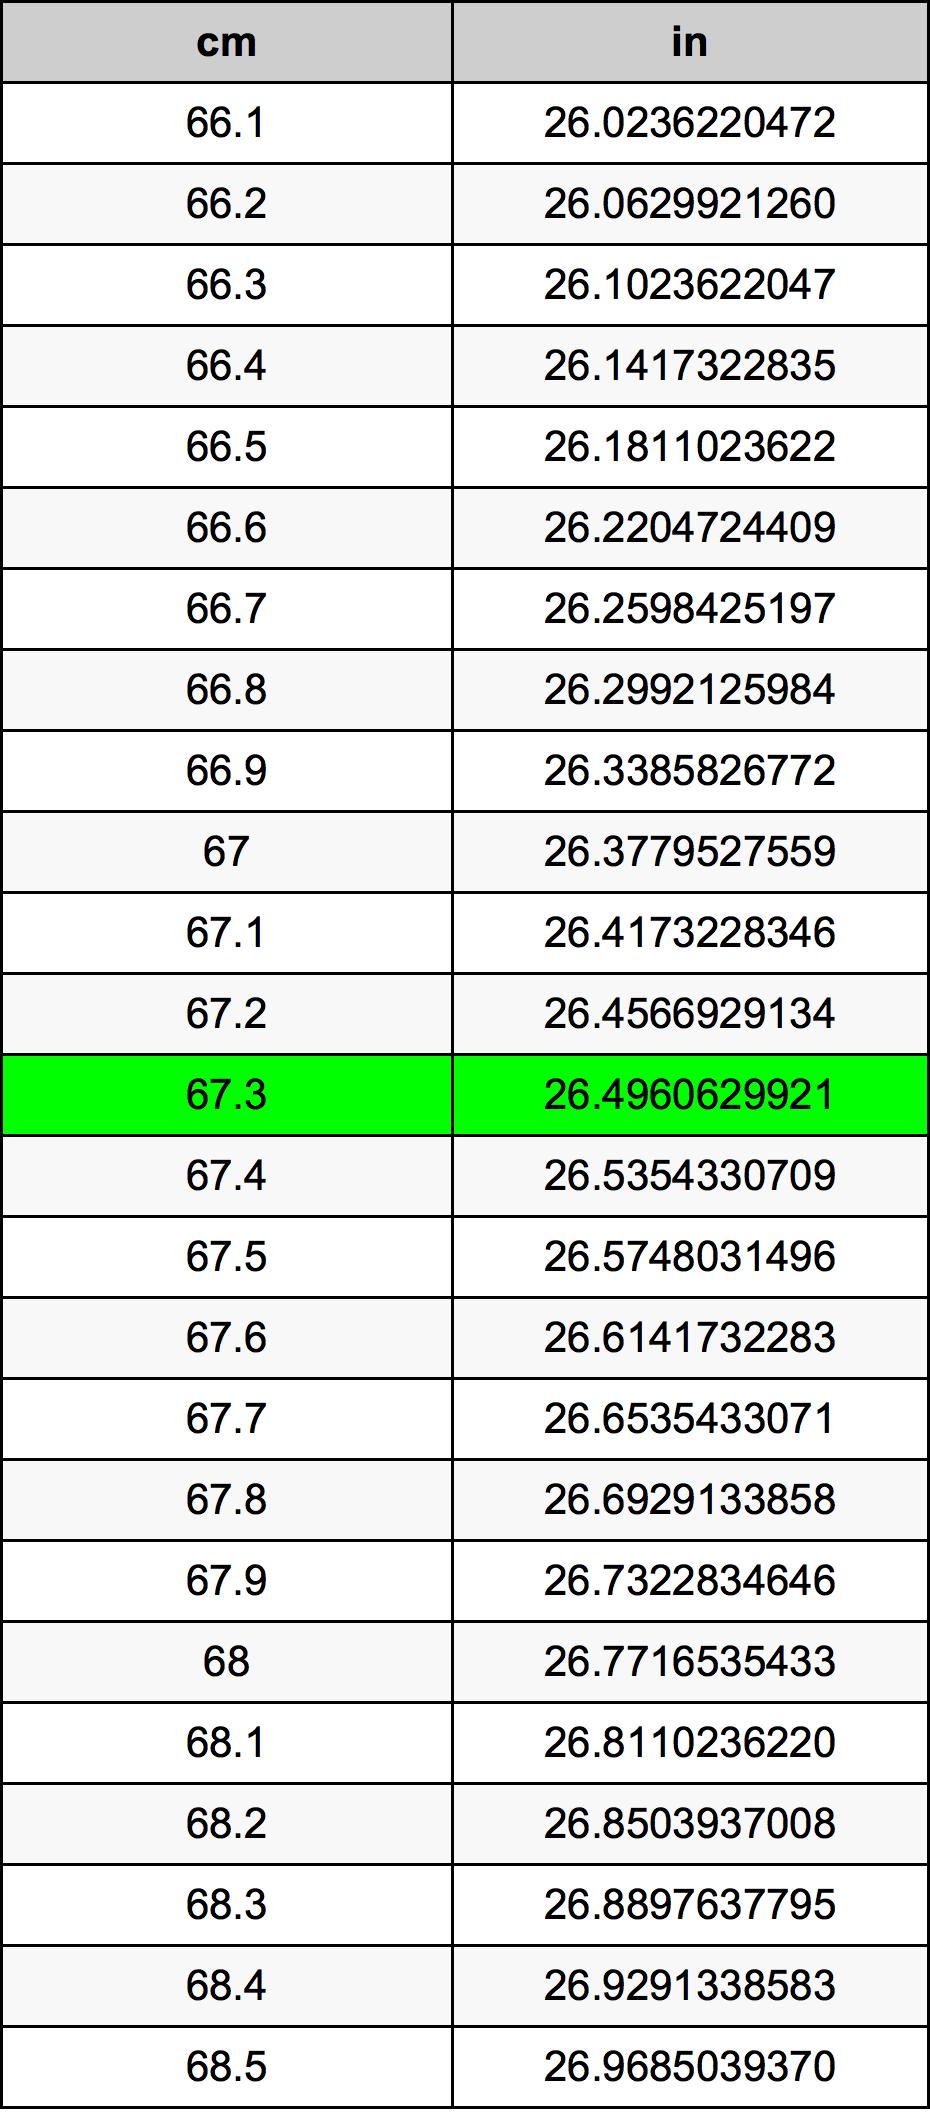 67.3 Centimeter omregningstabel